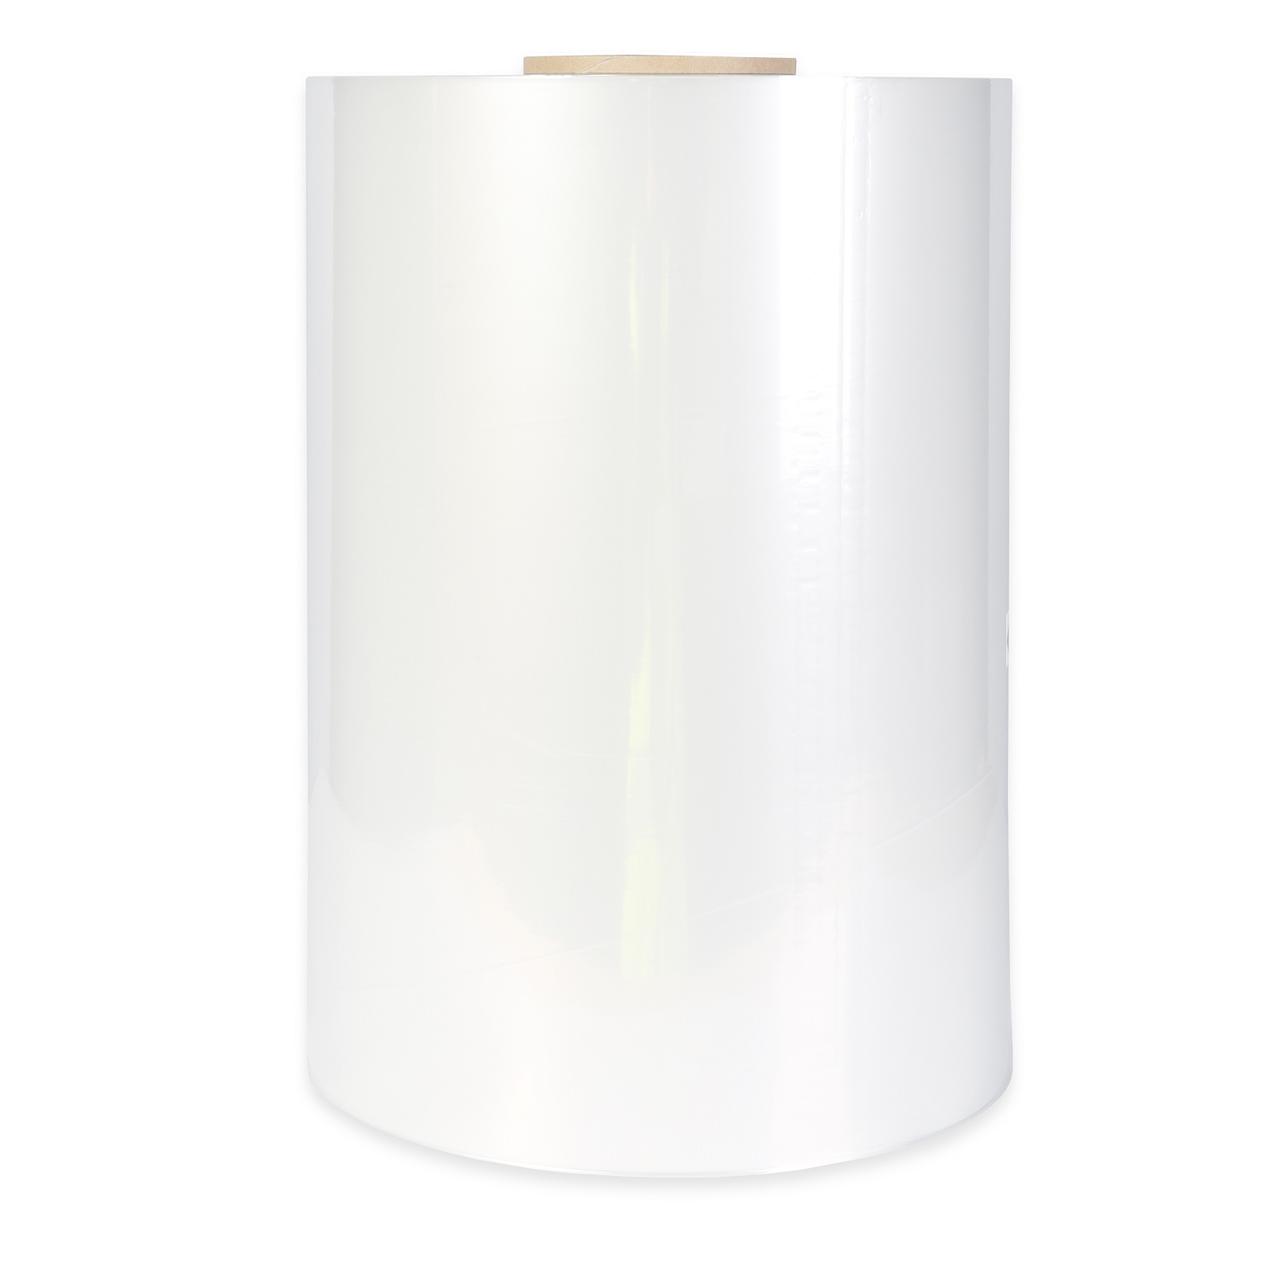 پلاستیک حرارتی مدل 10A رول 10 متری بسته 10 عددی